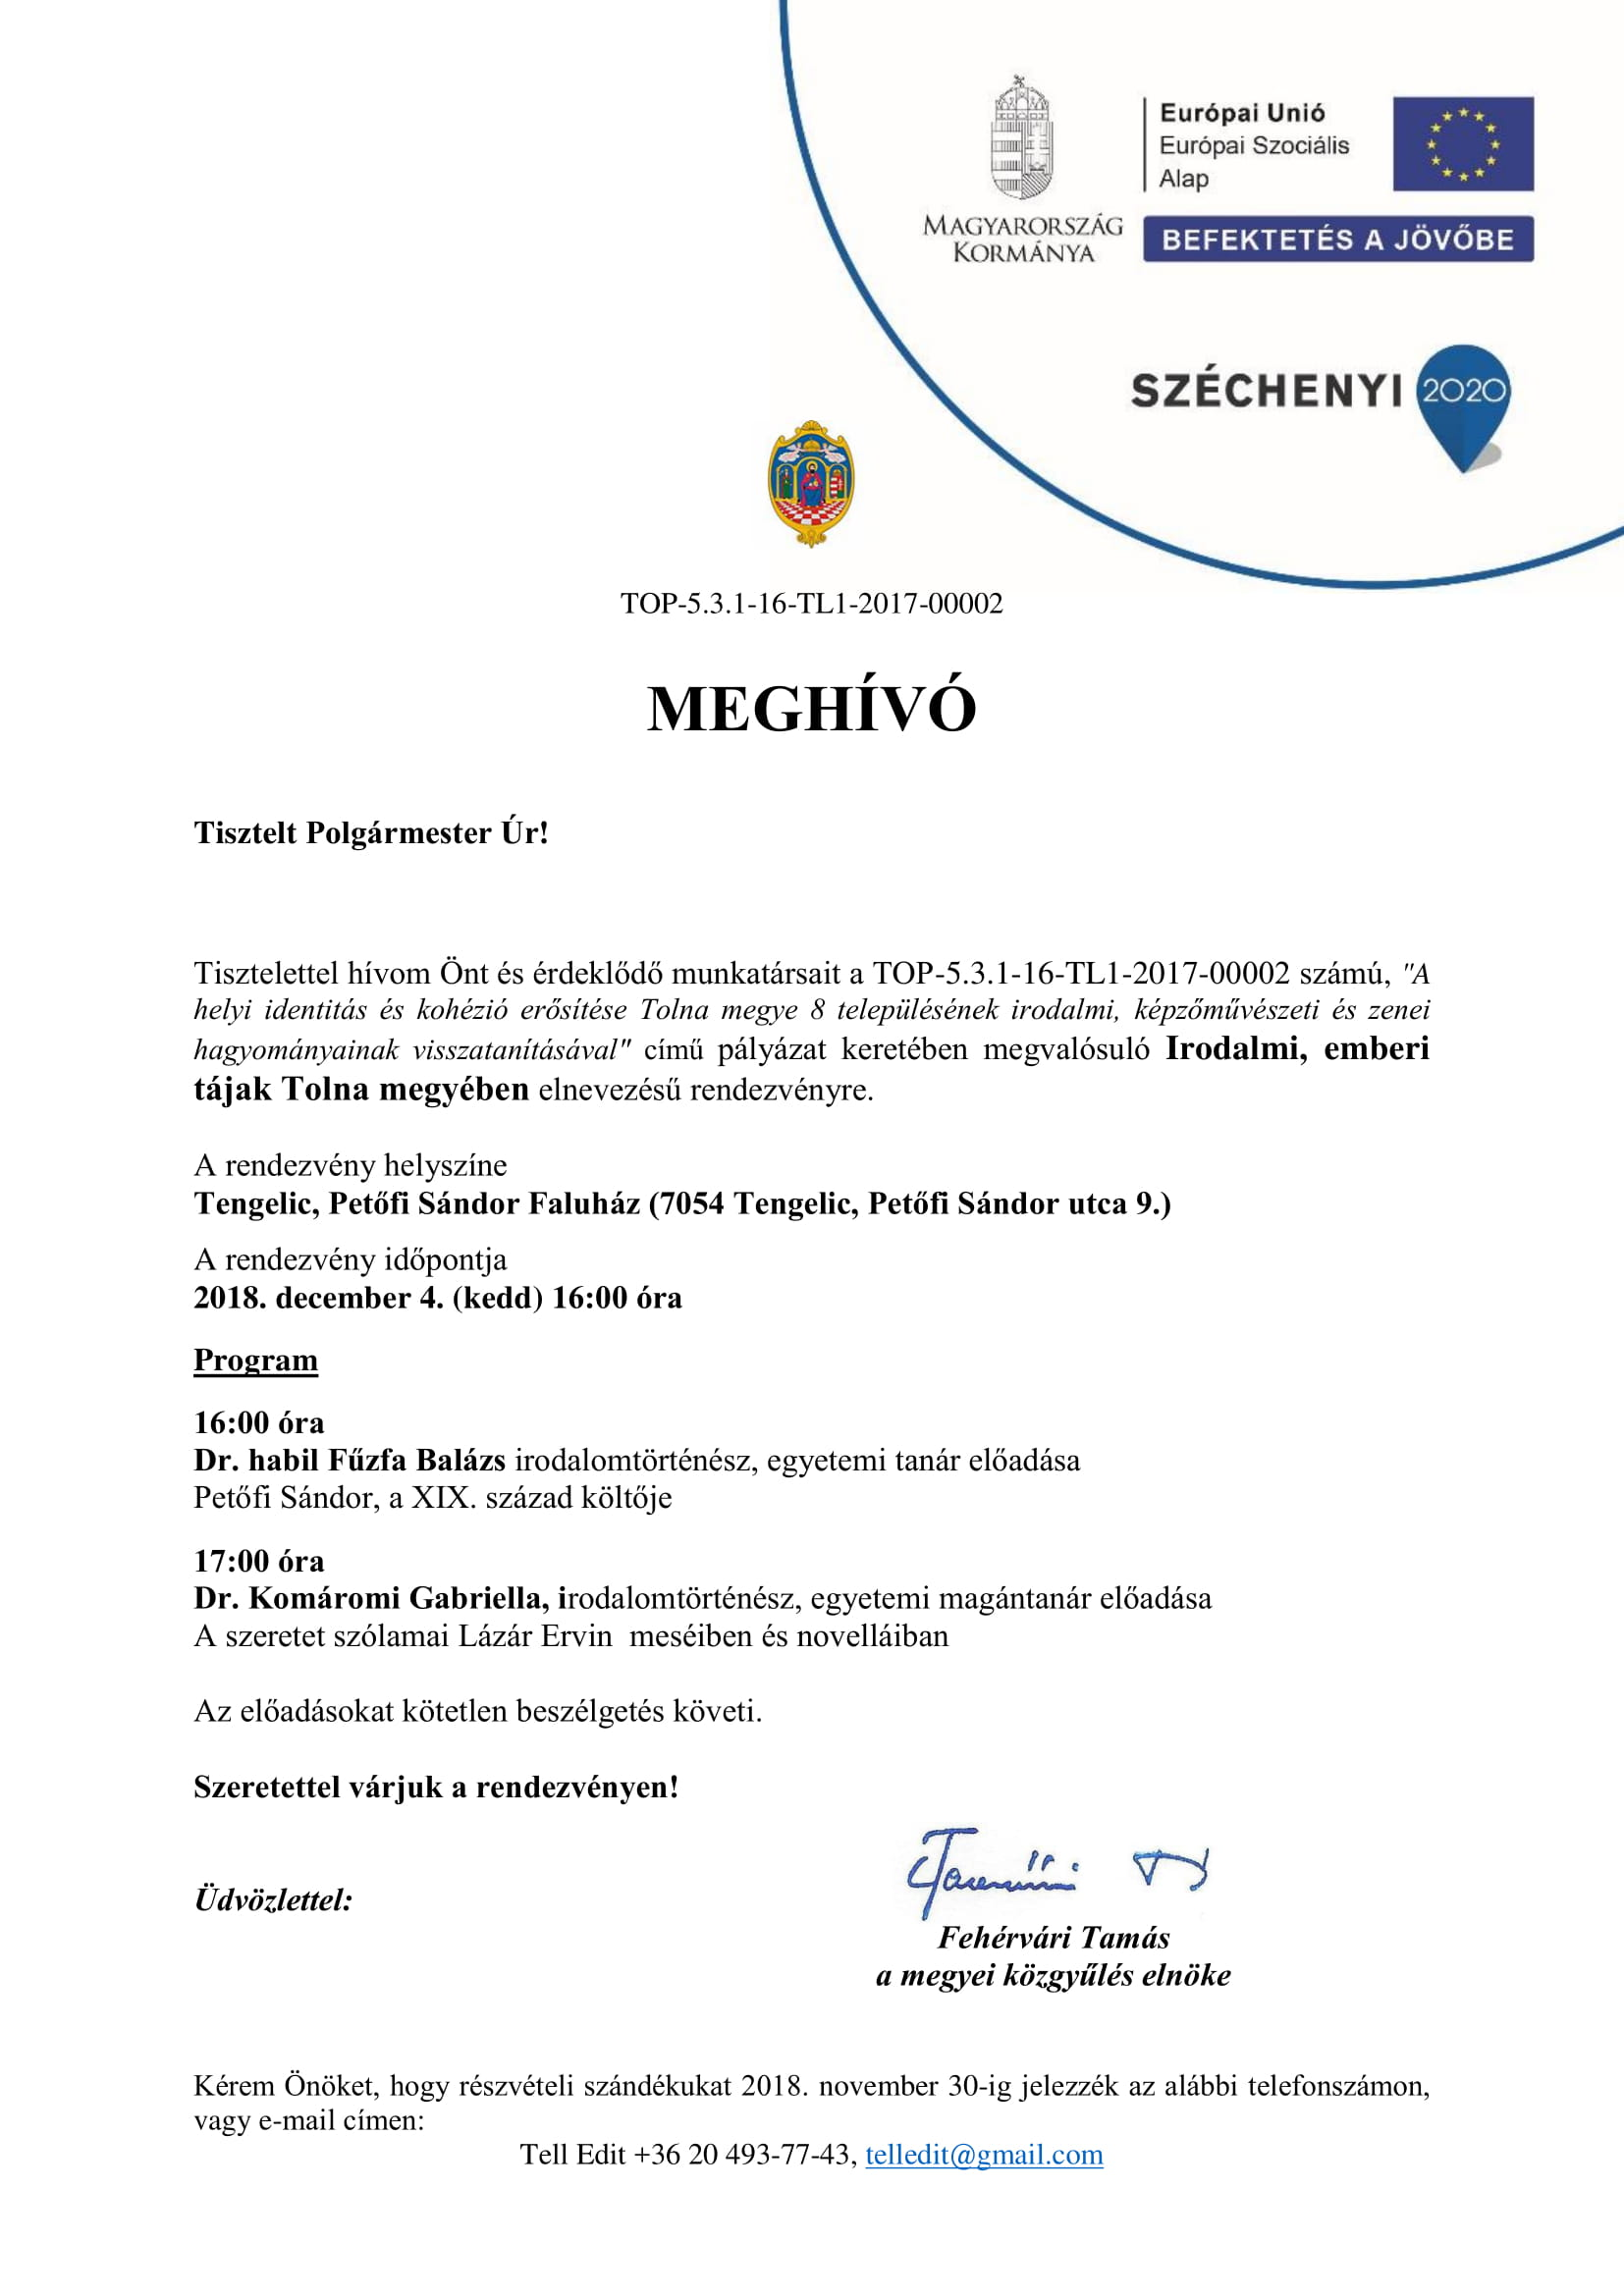 Meghivo_2018_Emberi-tajak_1-1